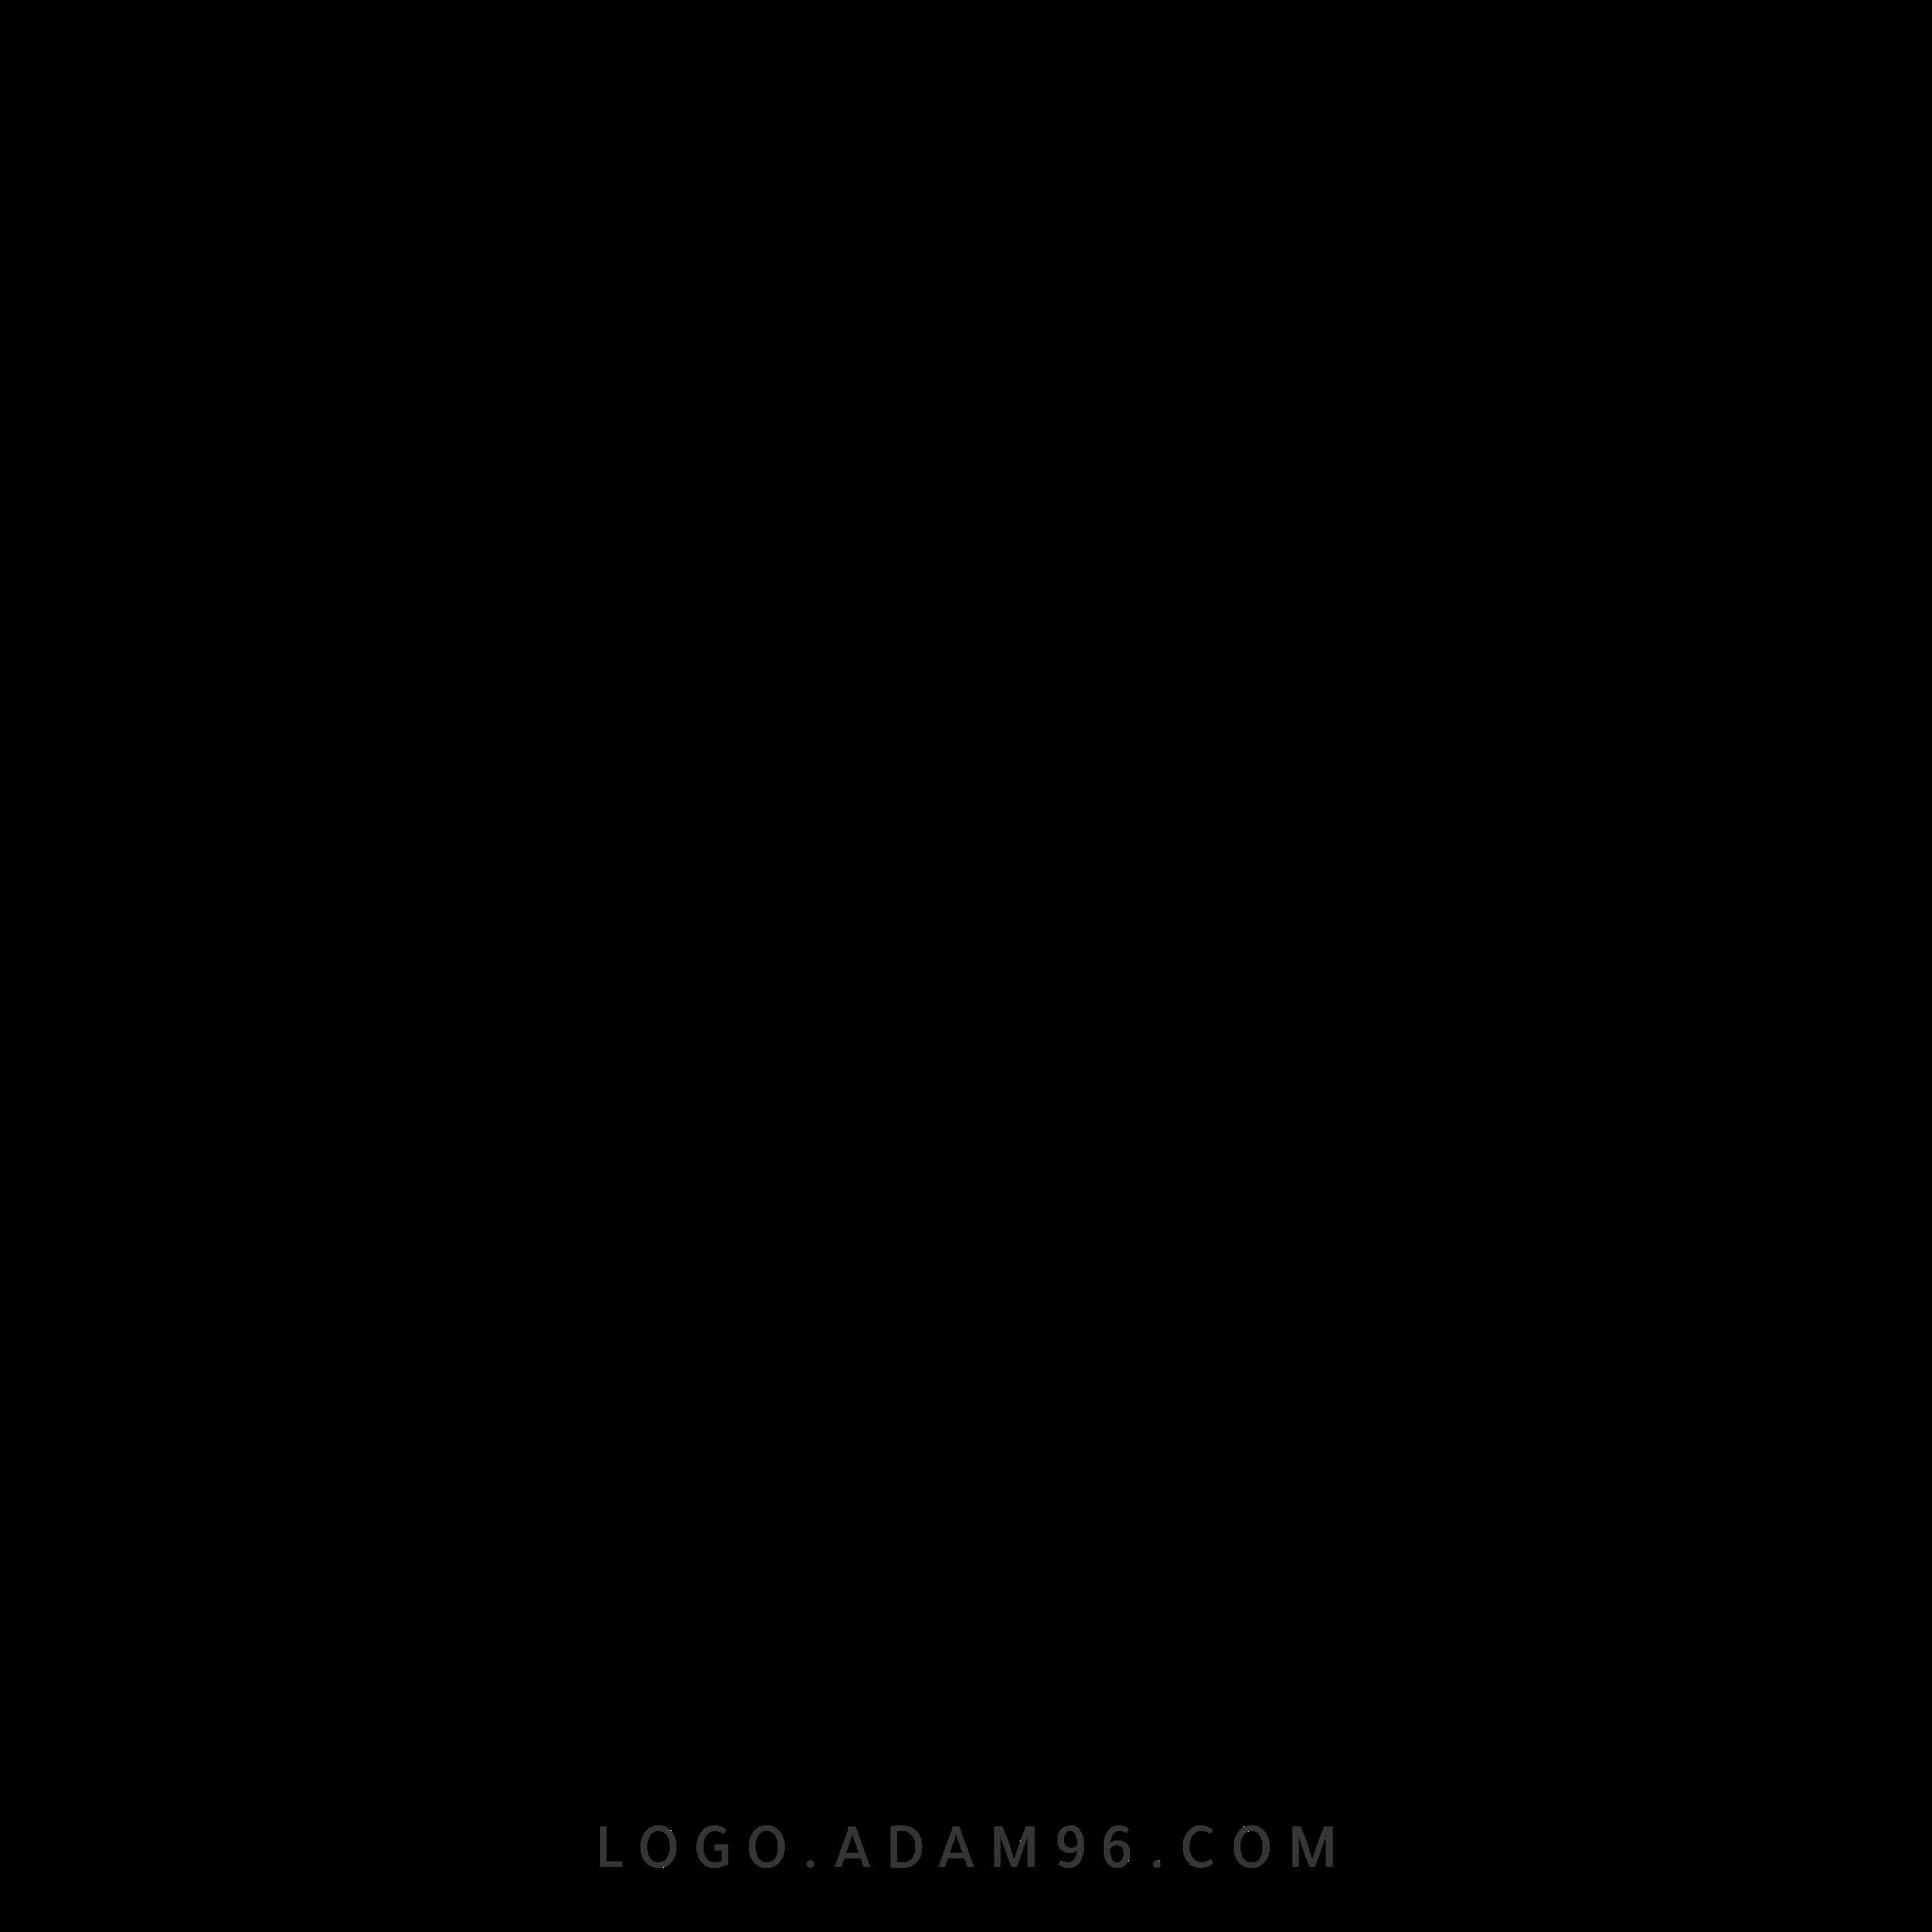 تحميل شعار يوتيوب اسود لوجو رسمي عالي الدقة بصيغة شفافة PNG